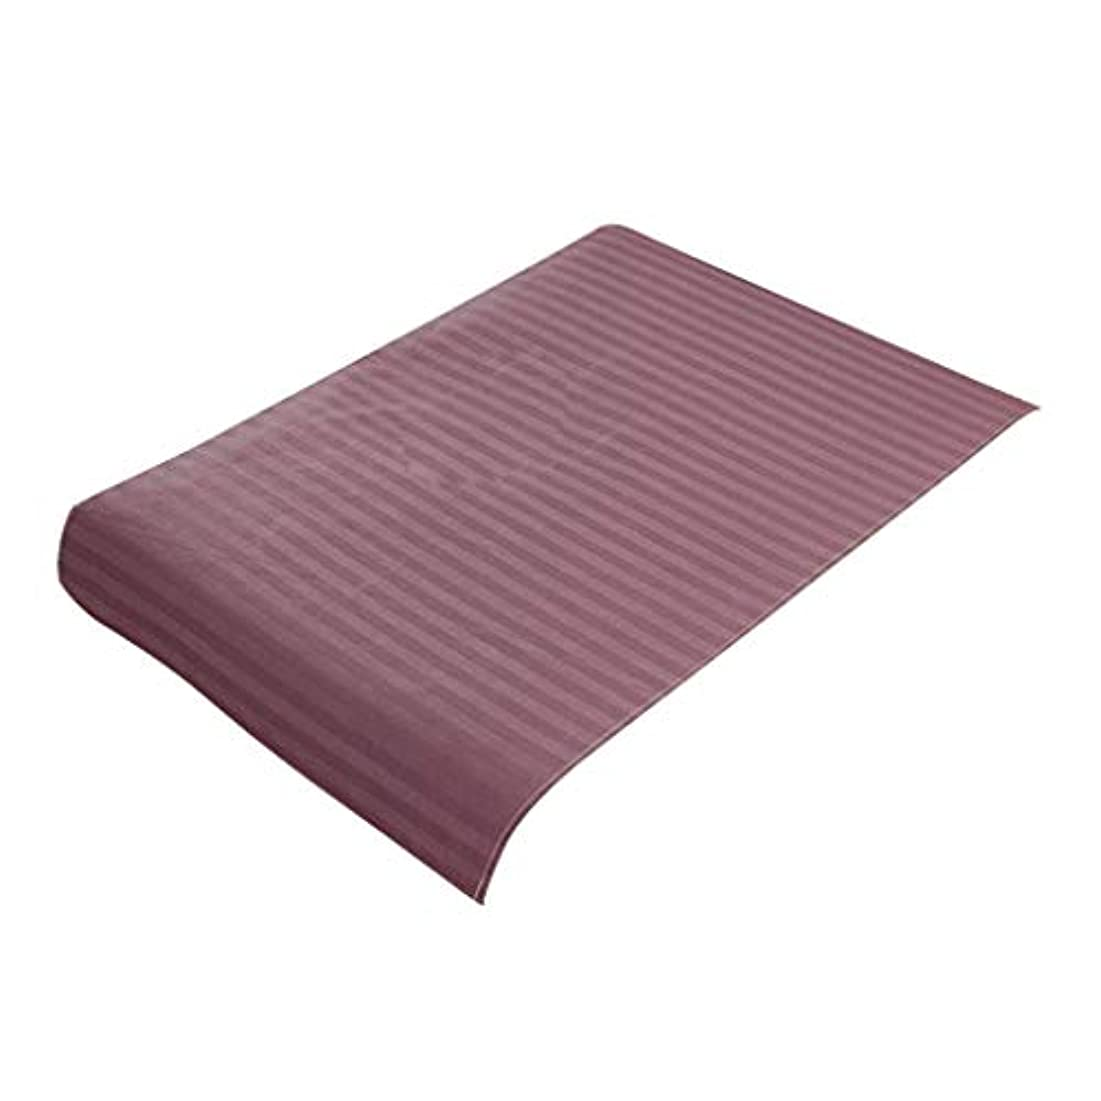 代数的形式犯すベッドカバー 美容 サロン スパ マッサージ ベッドシート フェース用 ピュアコットン - 紫